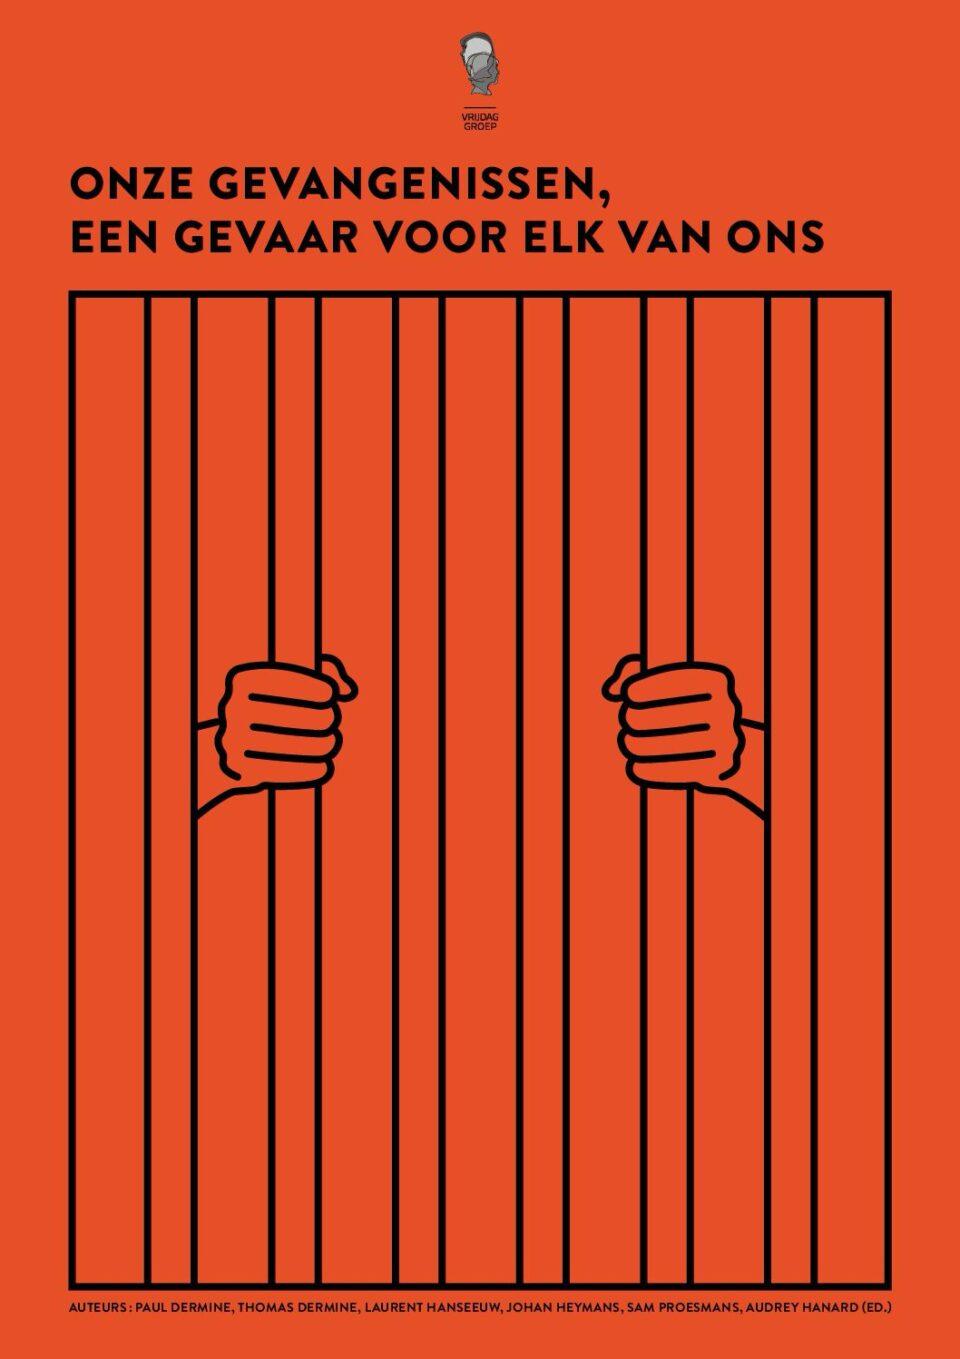 Vrijdaggroep rapport onze gevangenissen een gevaar voor elk van ons